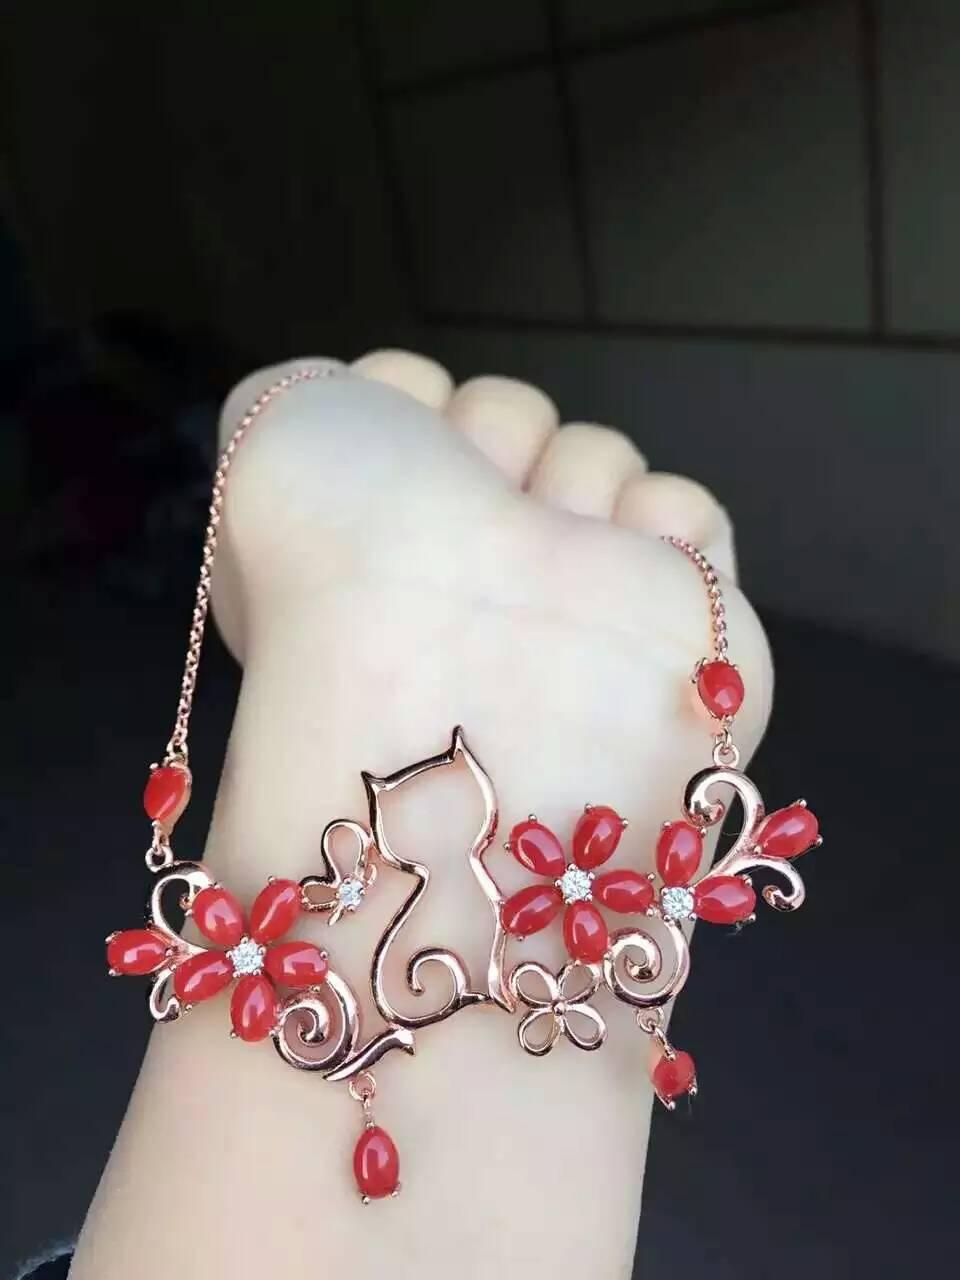 Collar de coral precioso rojo Natural colgante de piedras preciosas naturales Collar de plata S925 elegante jardín gato mujer joyería - 3